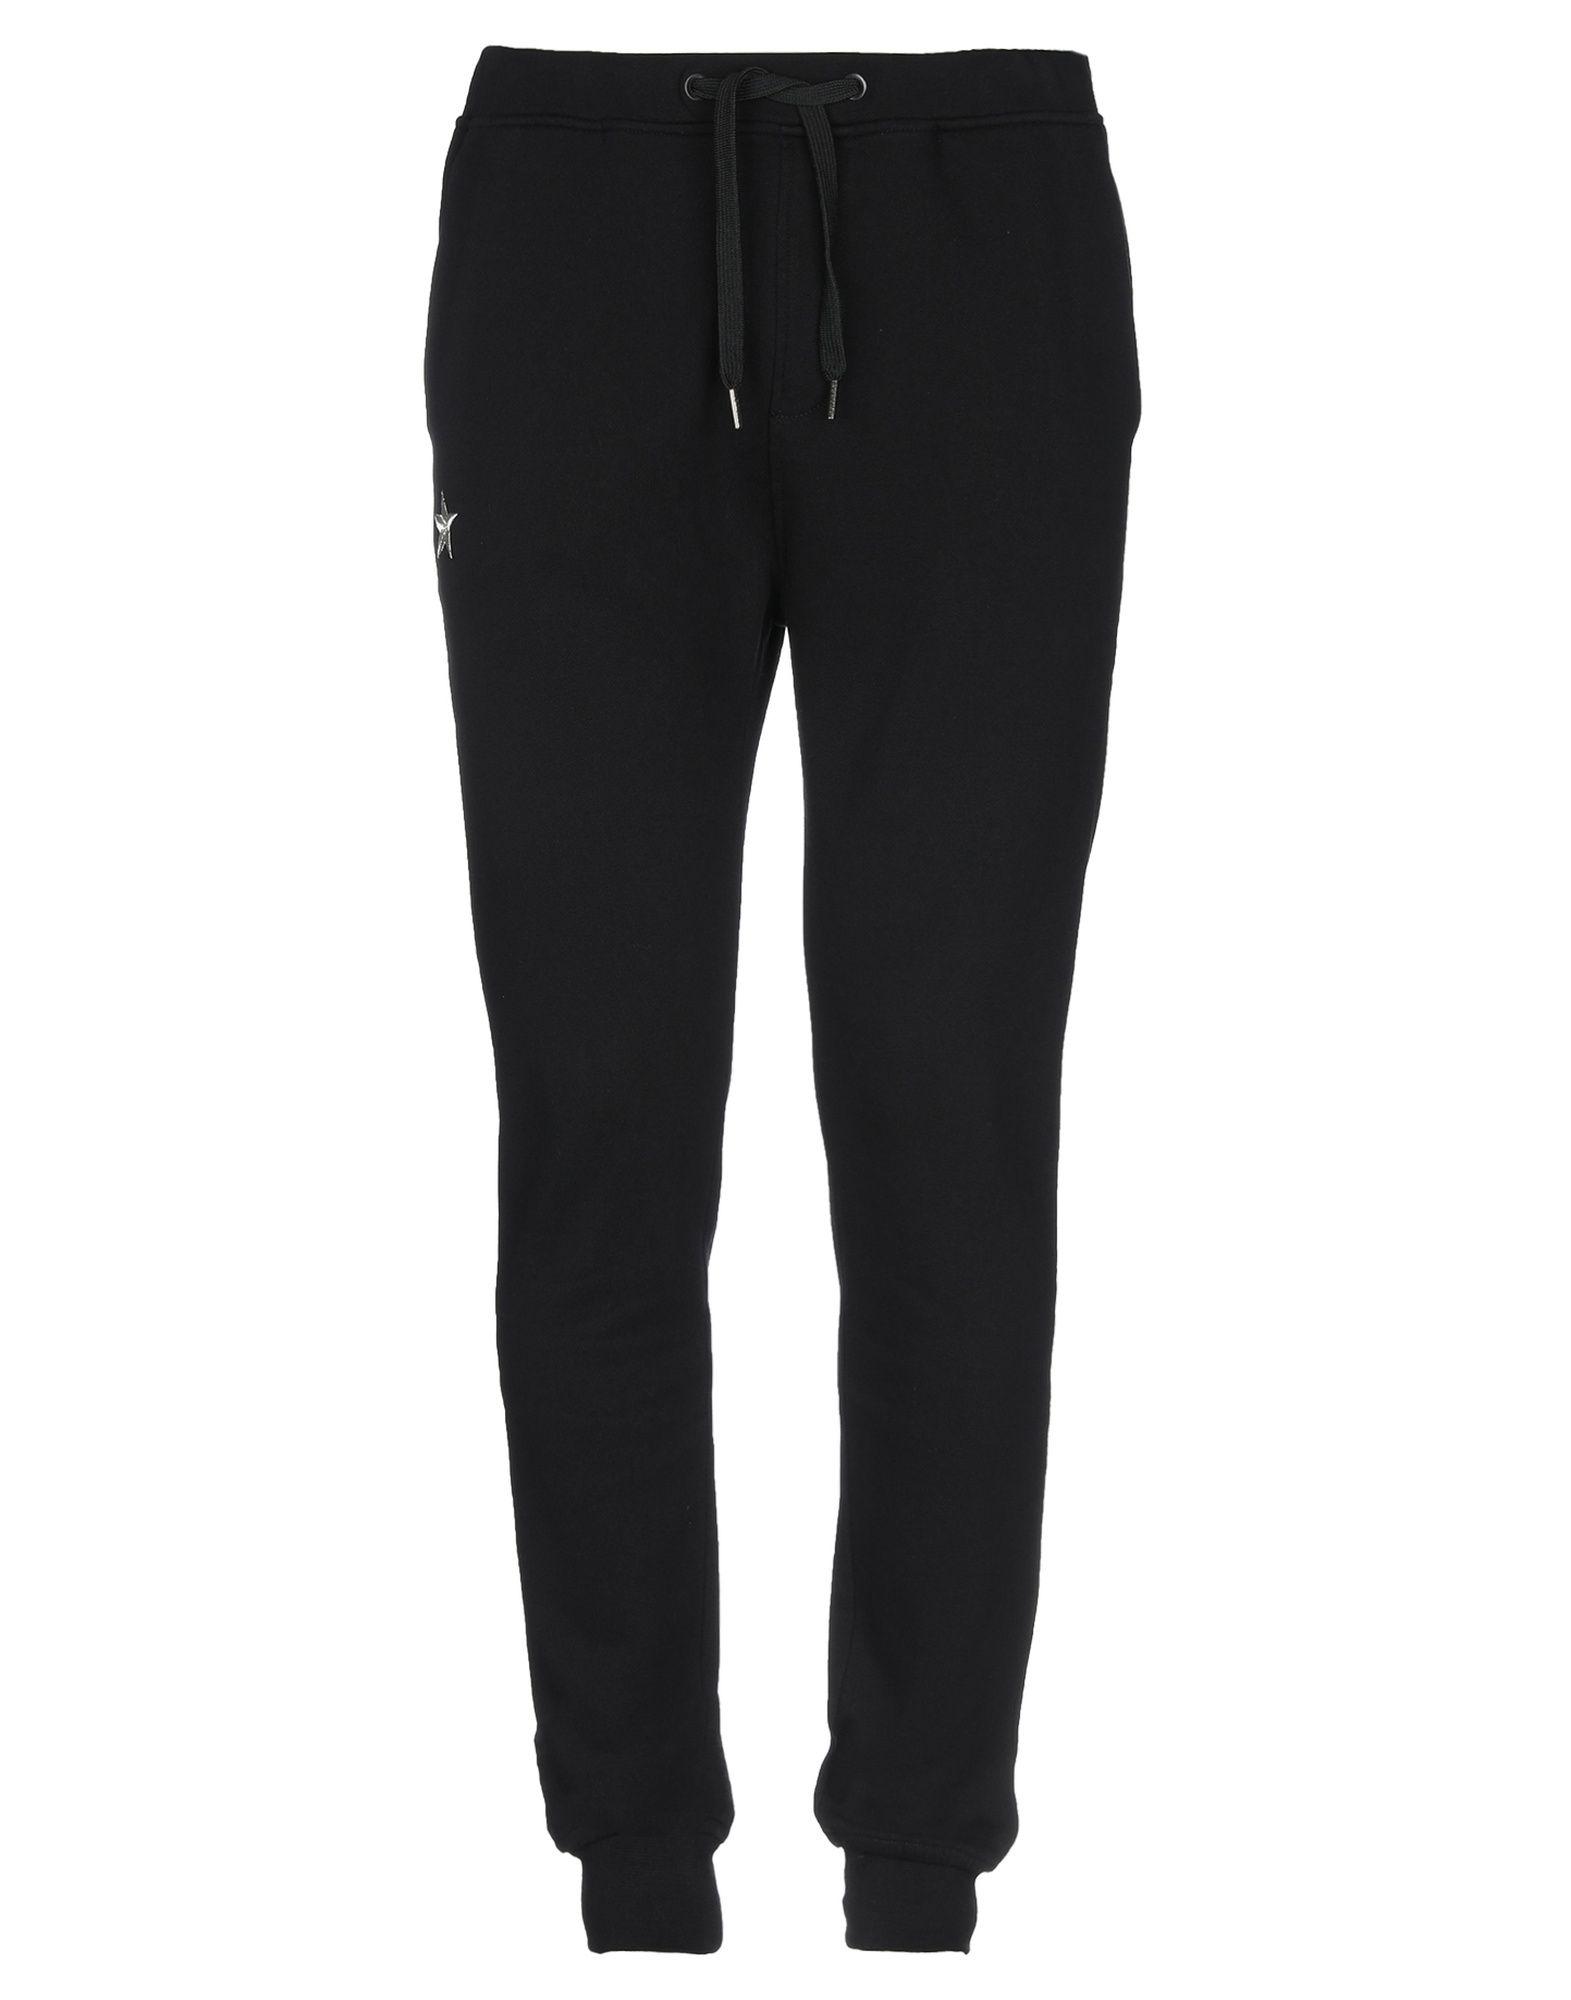 Pantalone Replay uomo - - 13340387EF